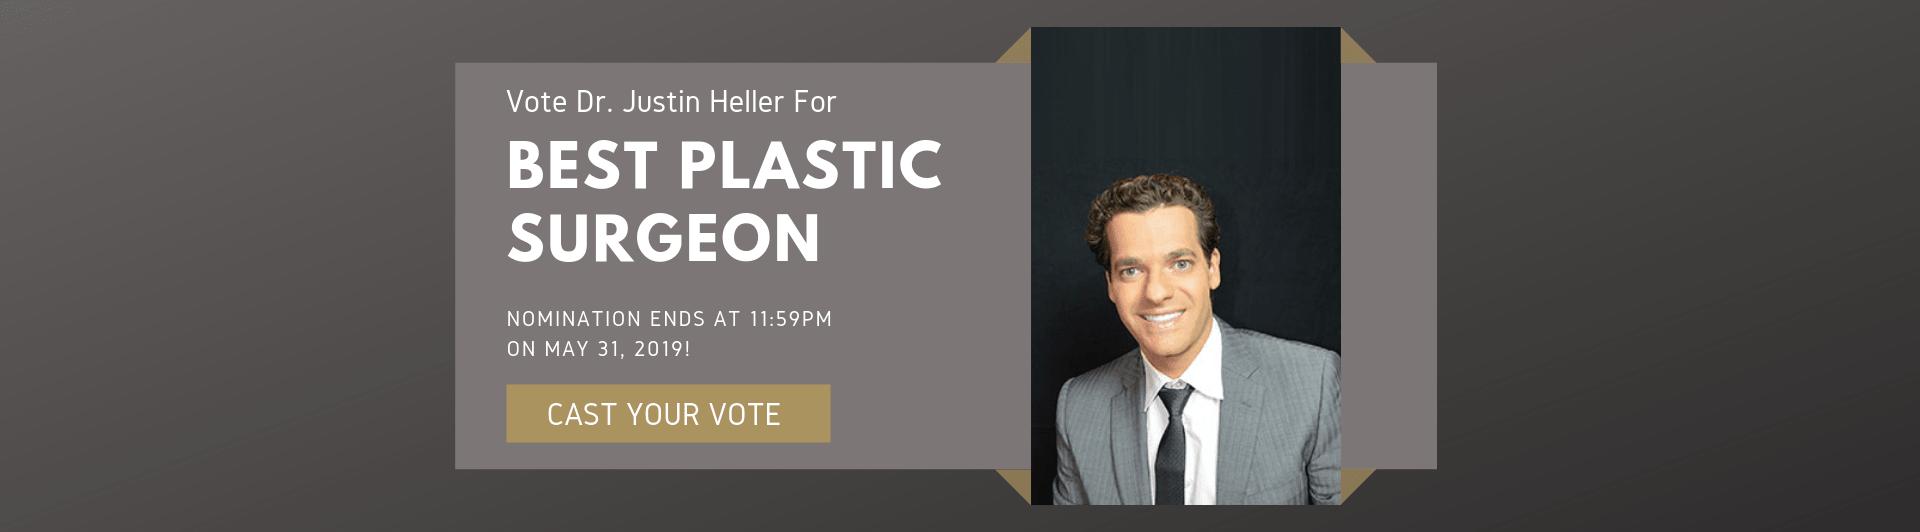 Vote-For-Justin-Heller